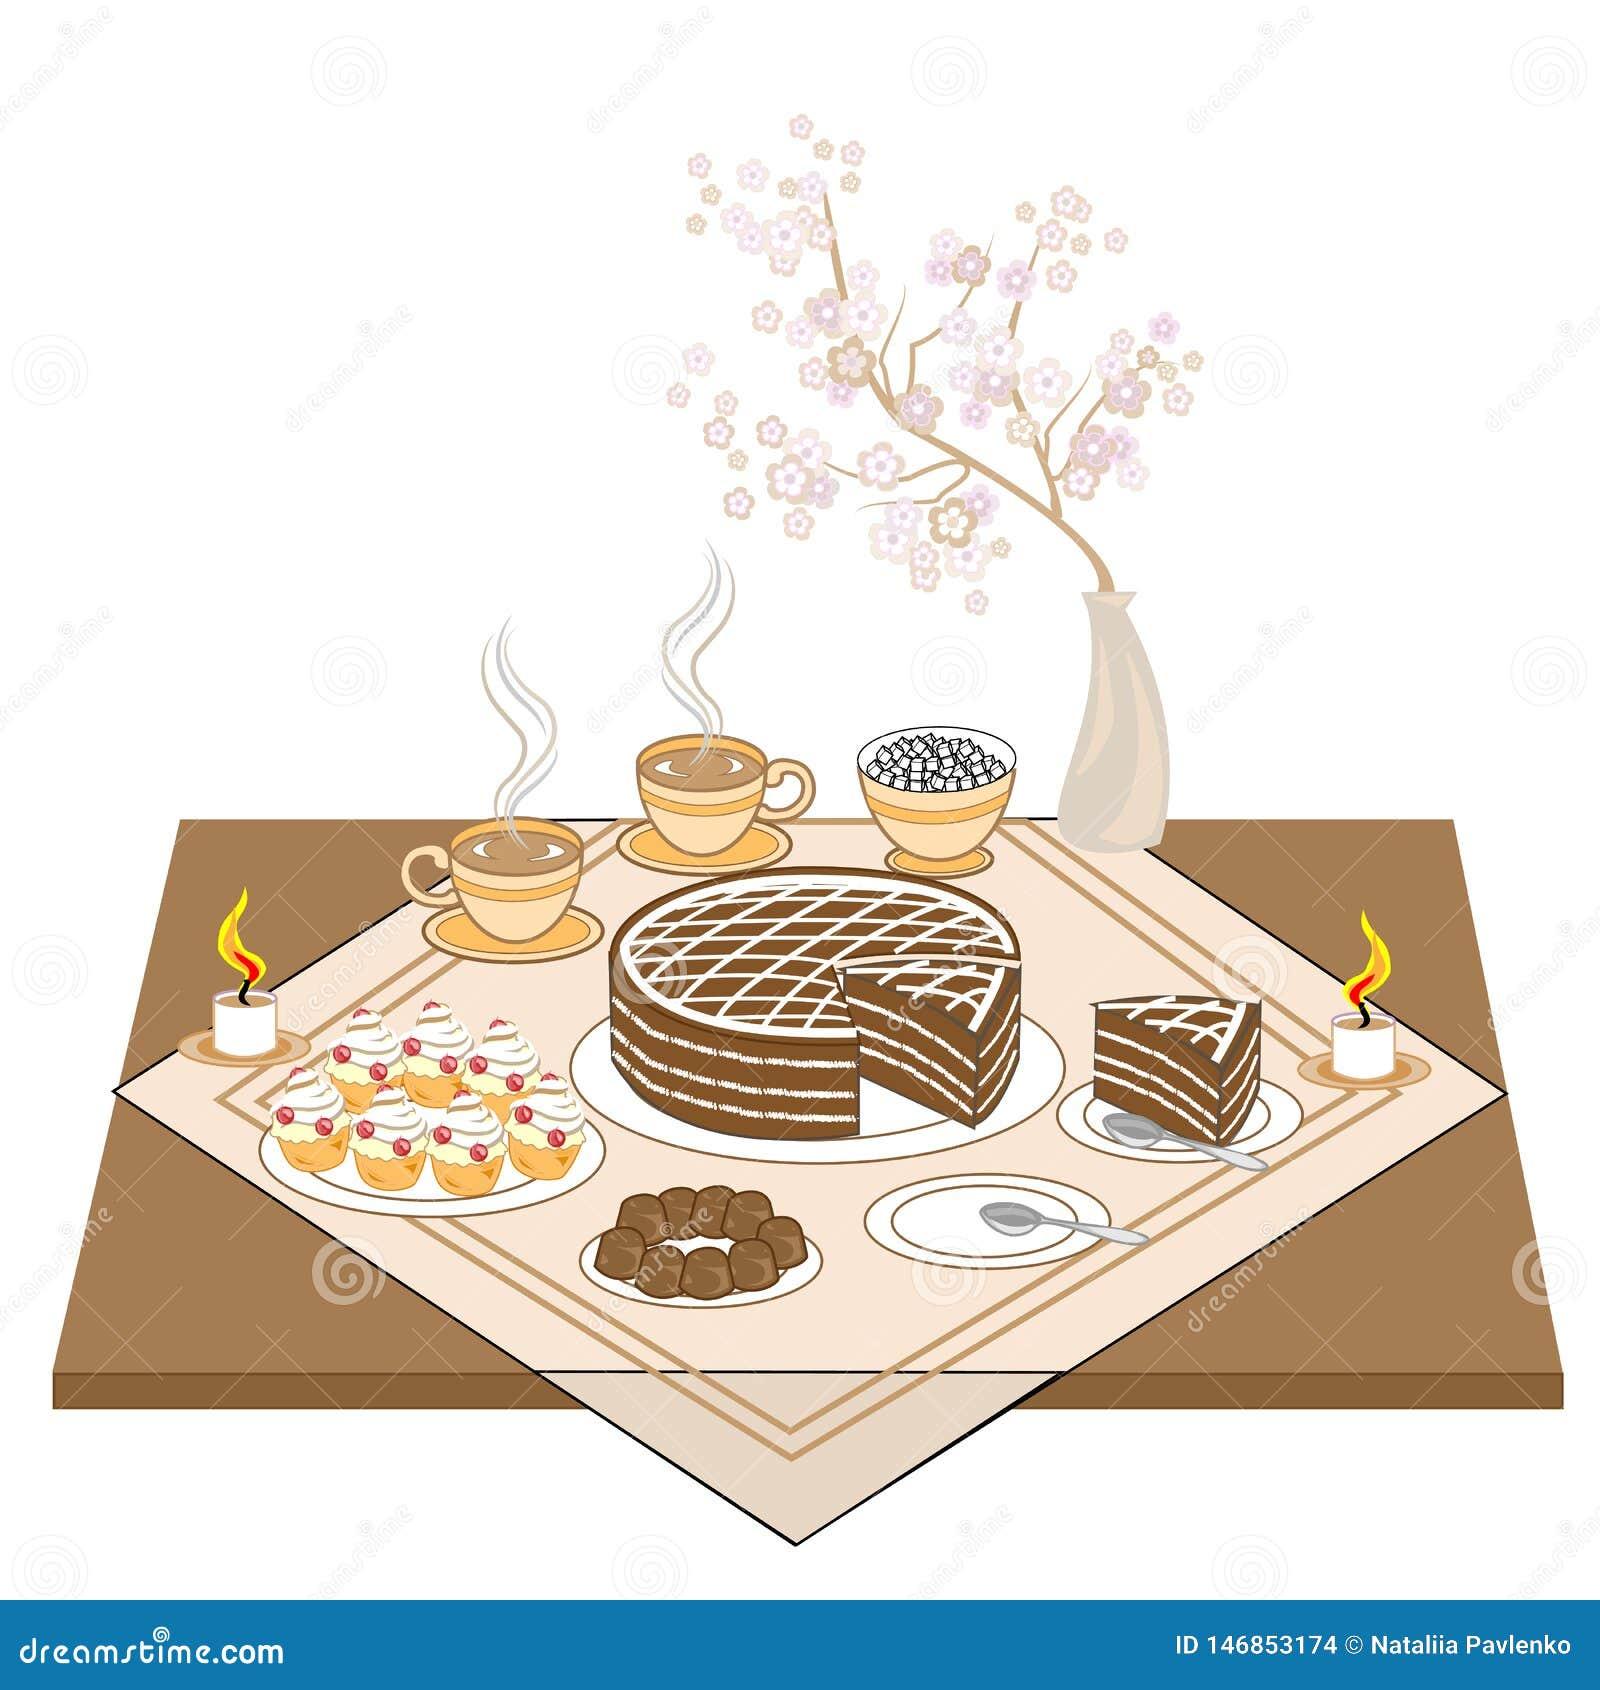 Une table de fête avec des bougies et un gâteau de chocolat Thé ou café chaud, bonbons, petits pains - un festin exquis pour chaq